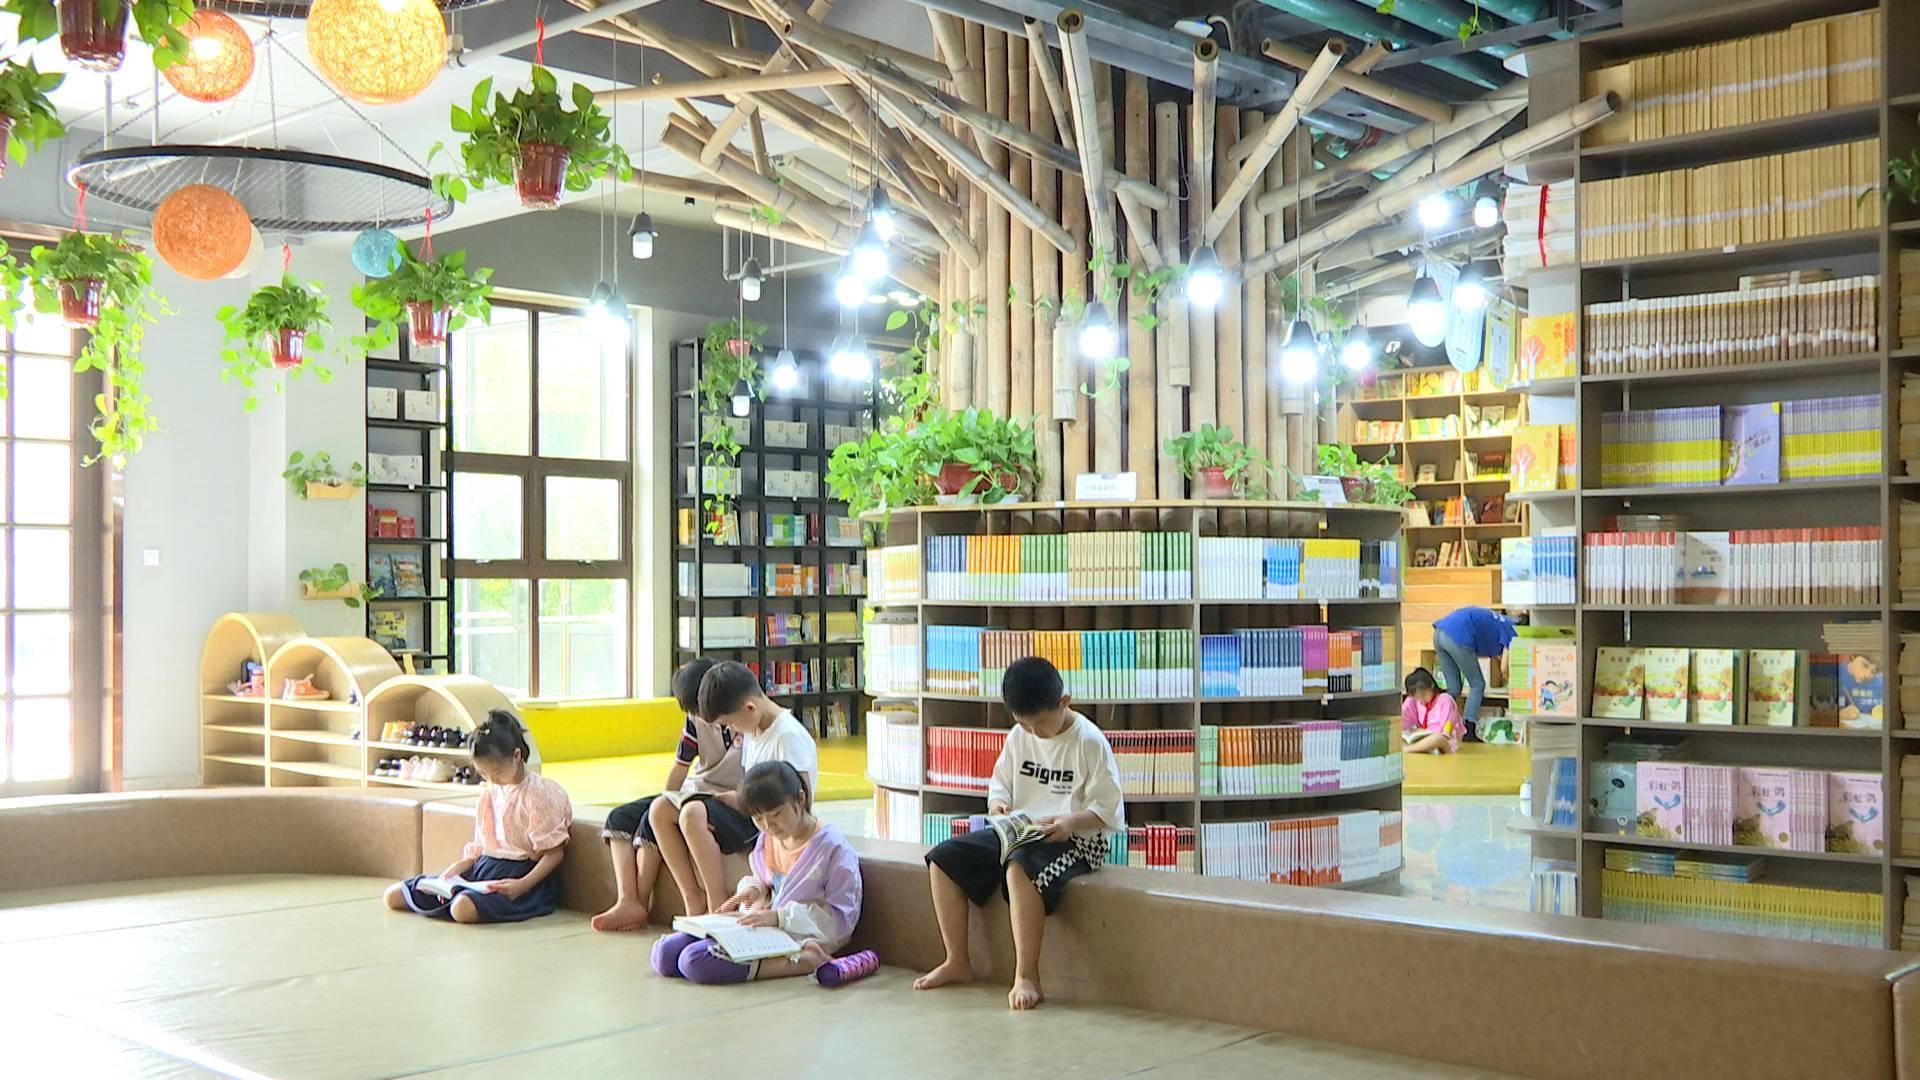 开学啦!幸福树公益图书角 守护儿童读书梦